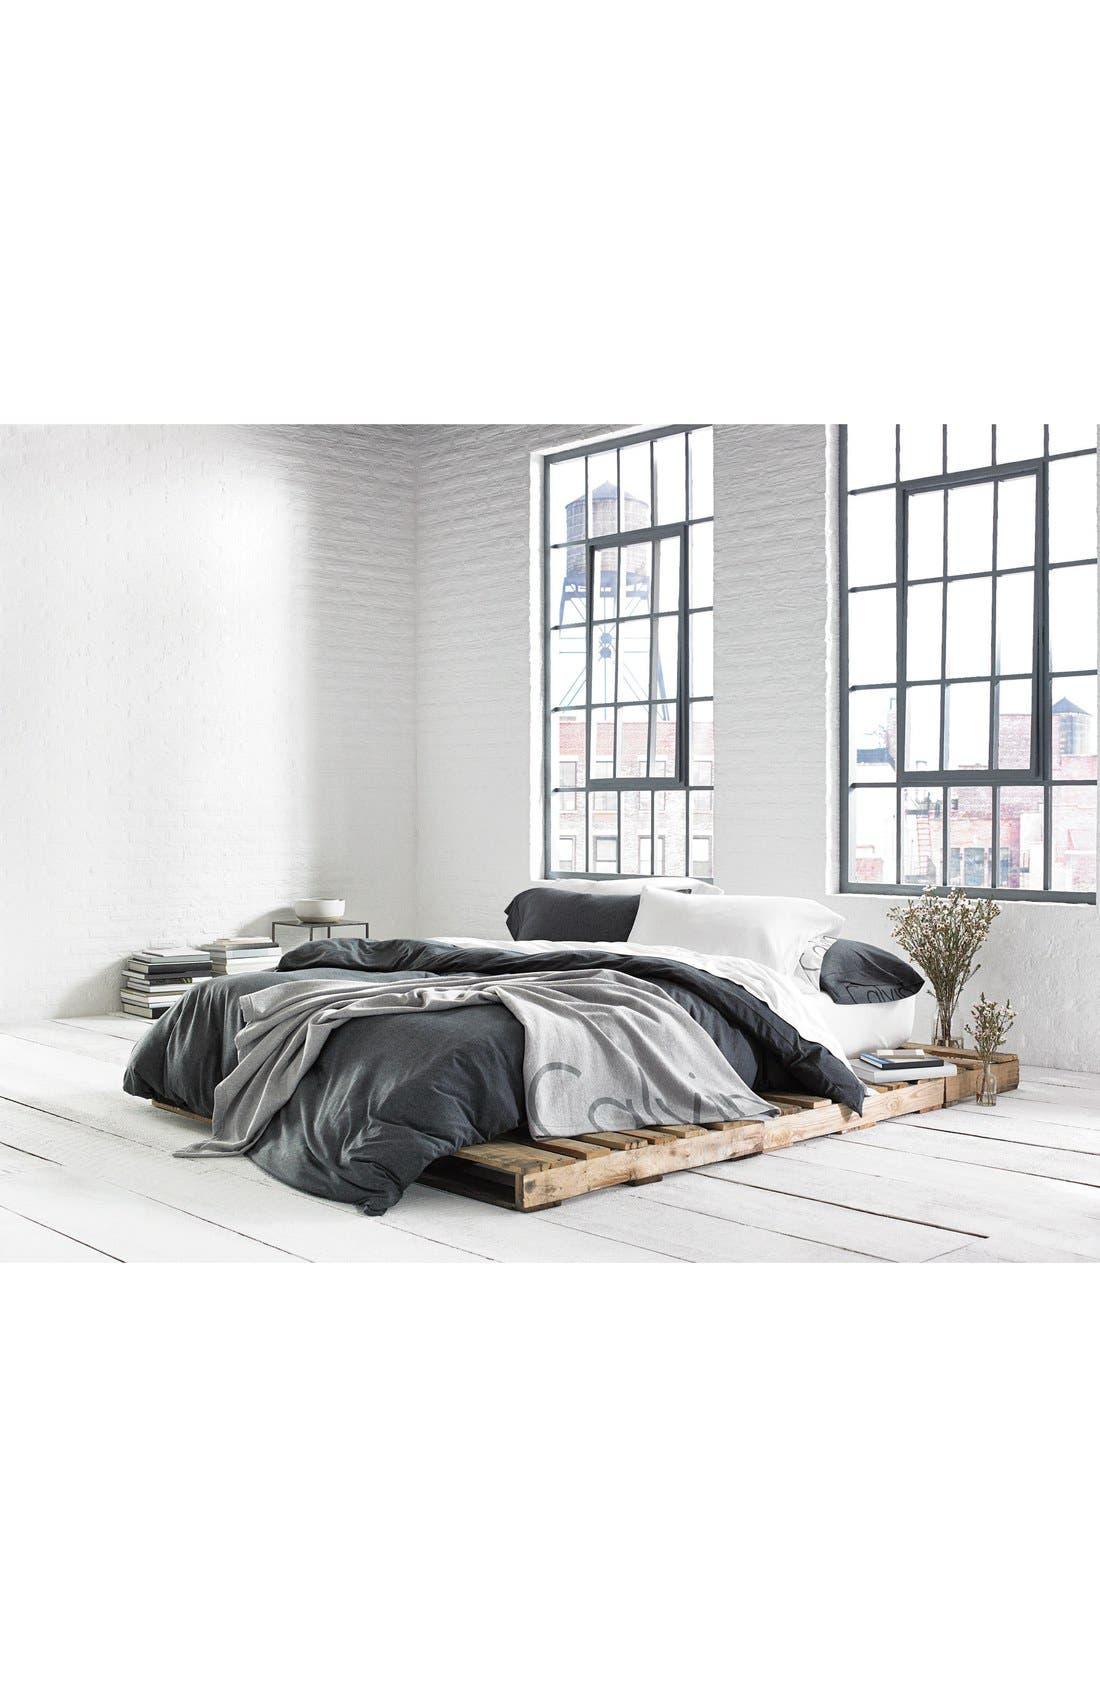 Calvin Klein 'Body' Bedding Collection